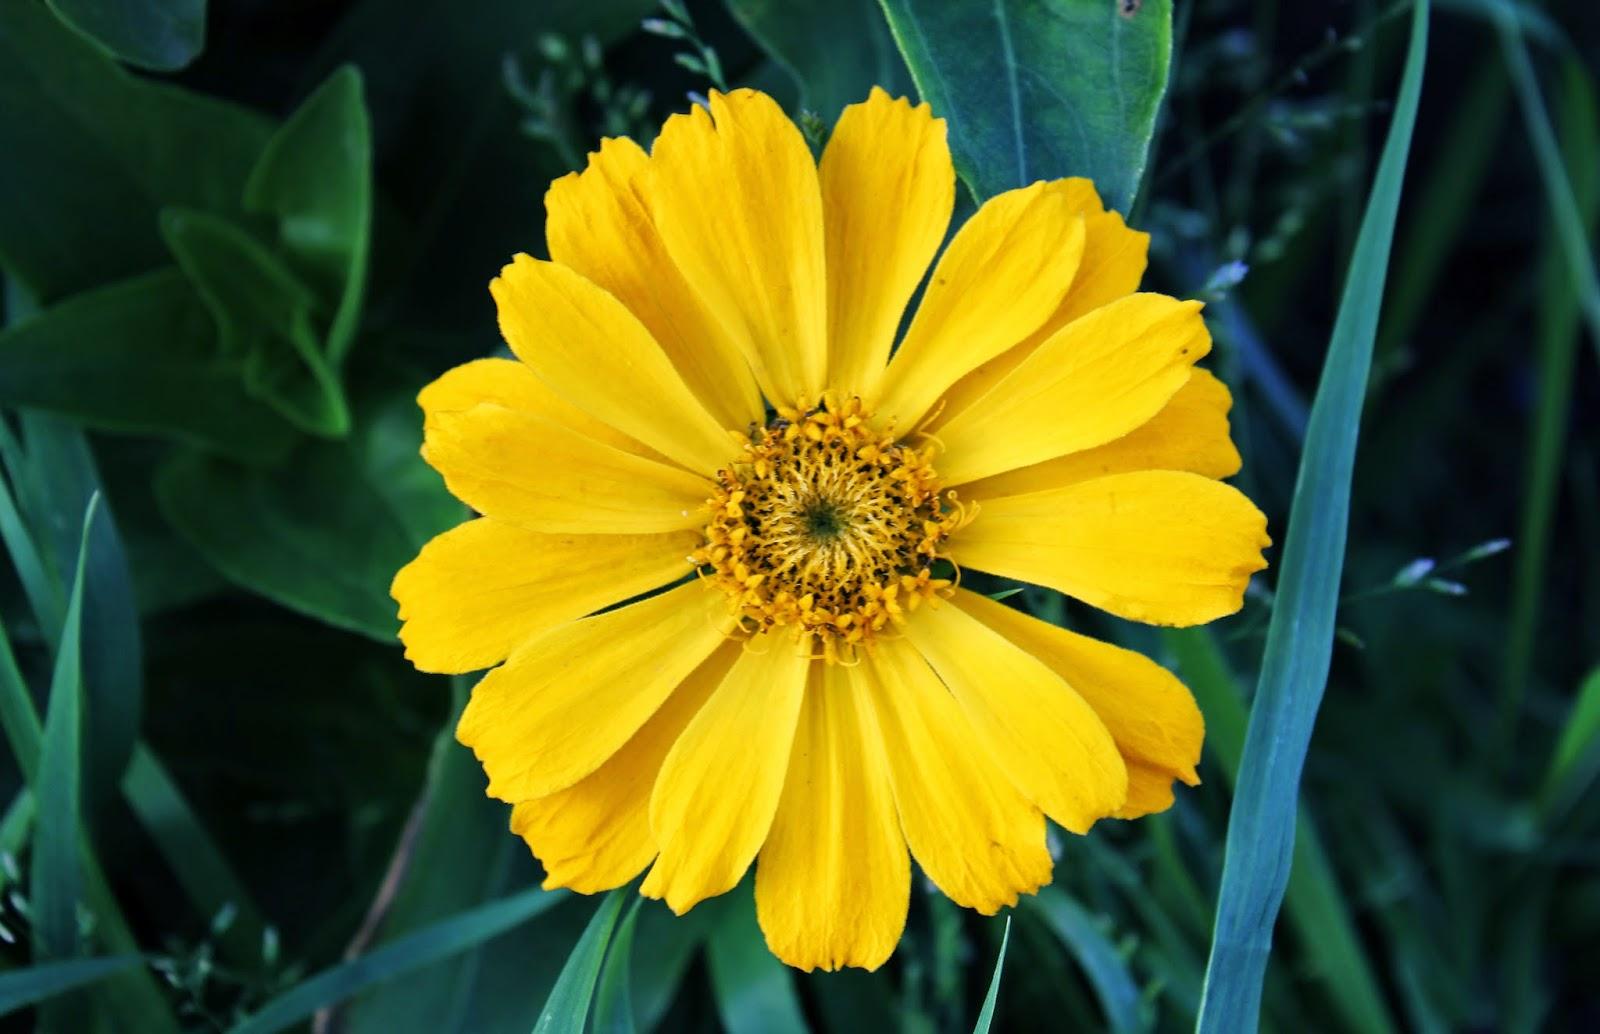 маленький солнечный цветок